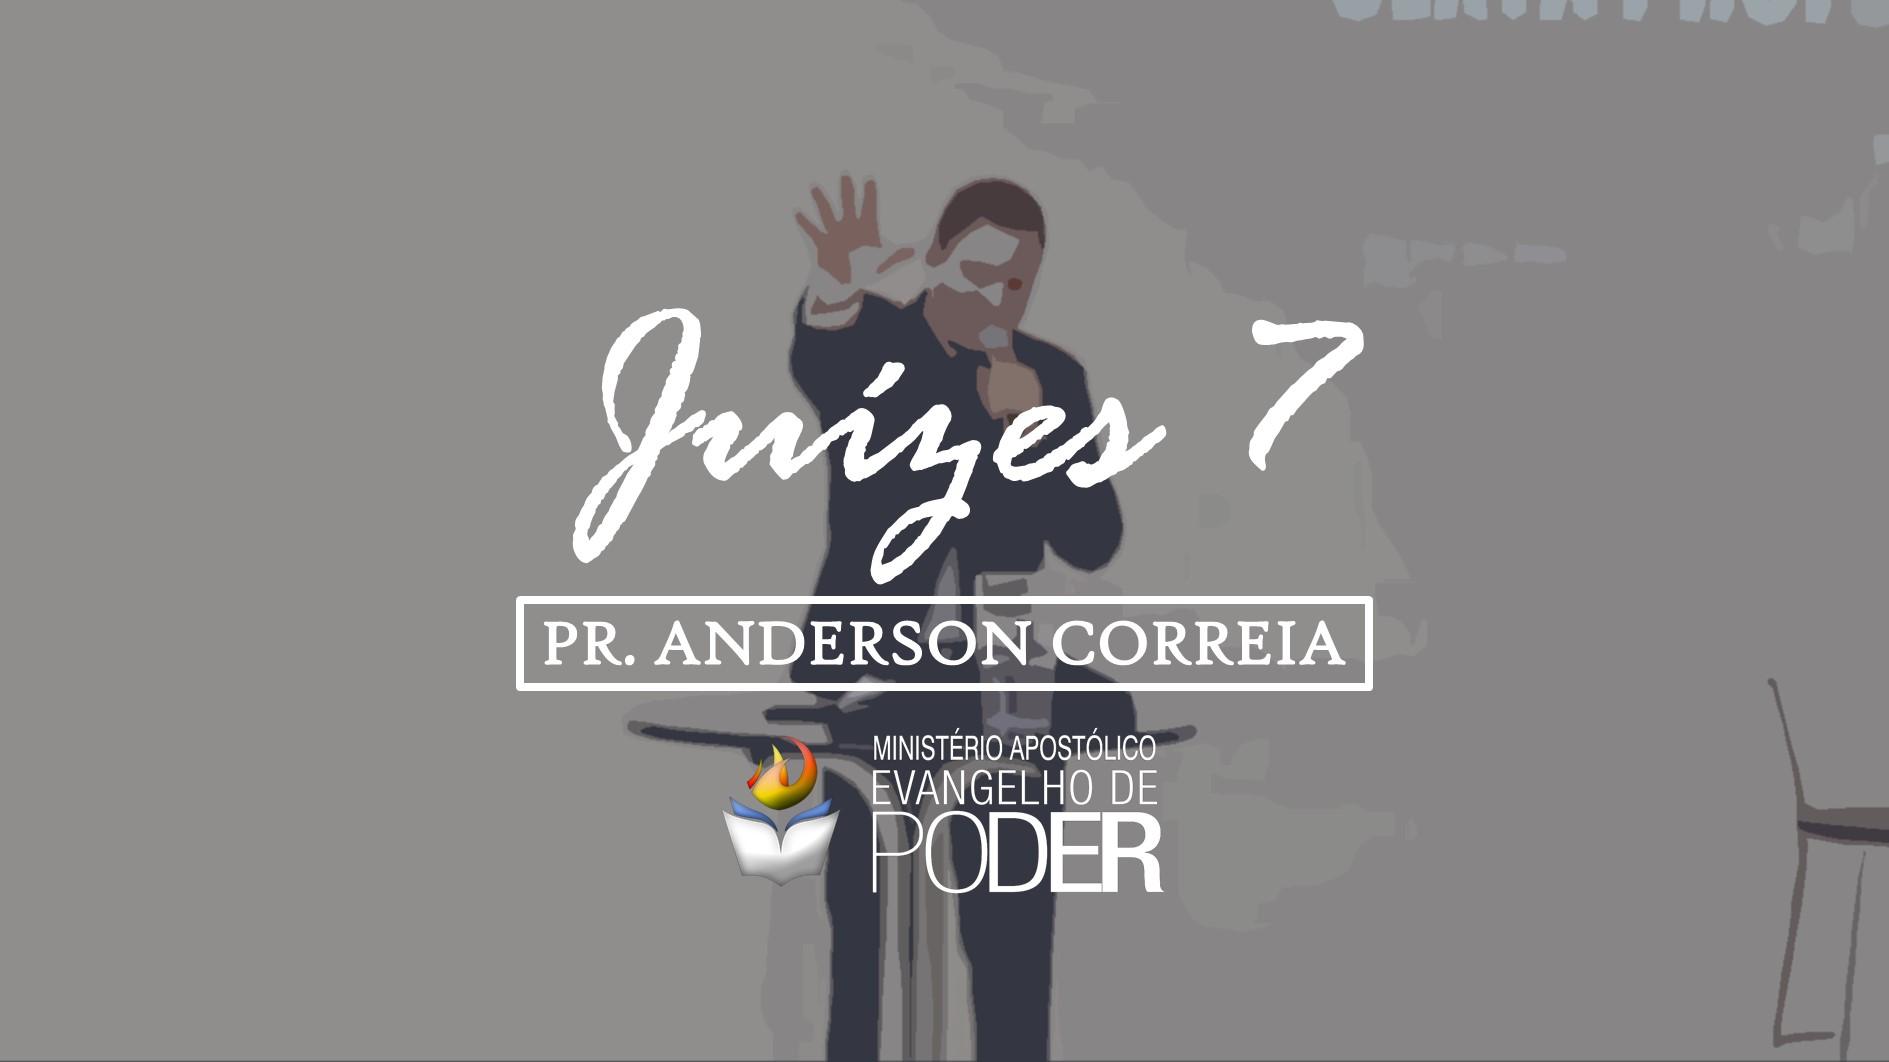 JUÍZES 7 - PR. ANDERSON CORREIA